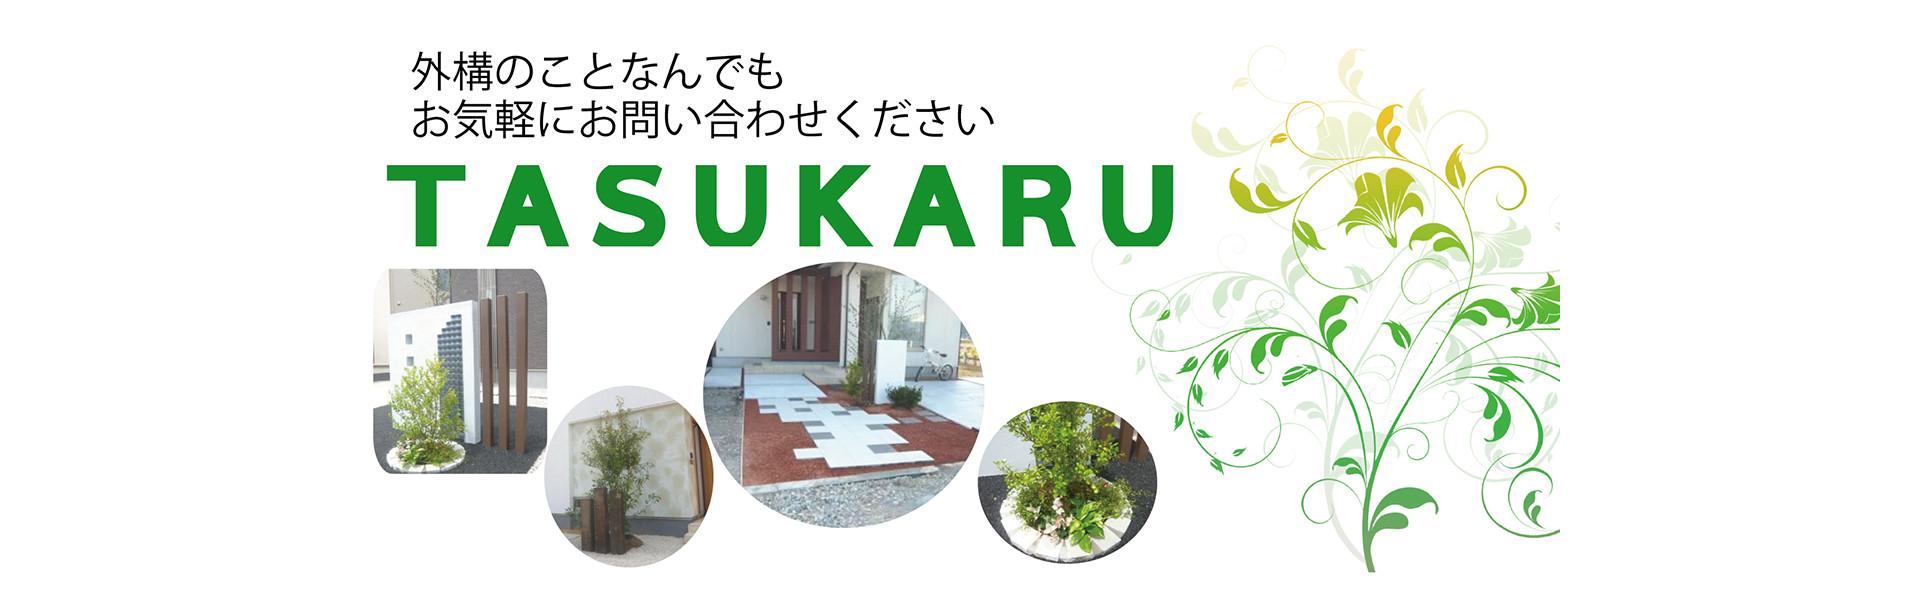 TASUKARU